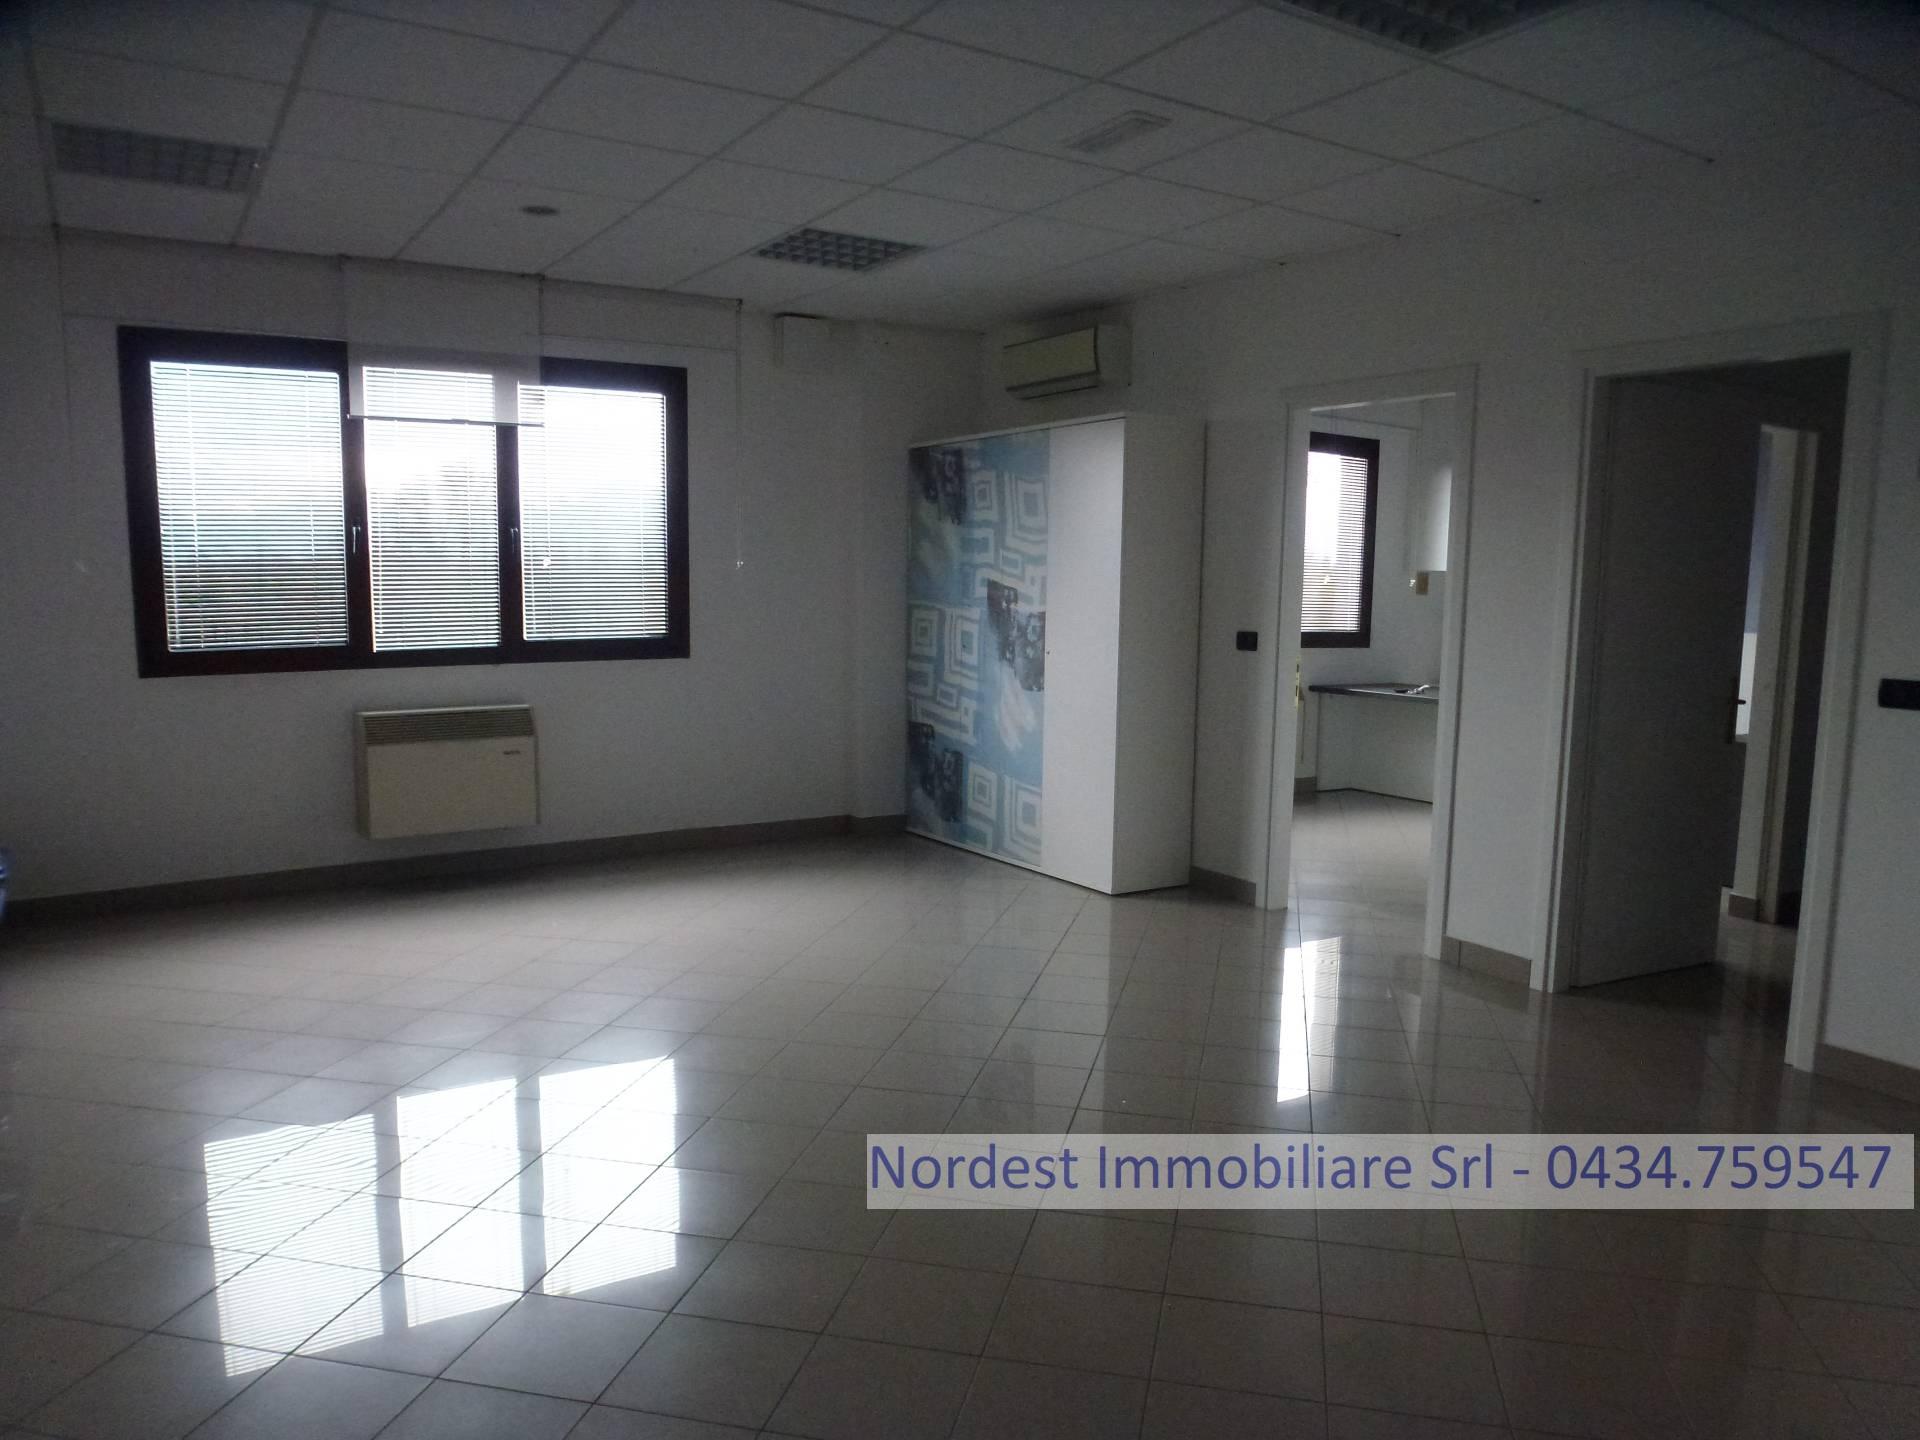 Ufficio / Studio in affitto a Gaiarine, 9999 locali, prezzo € 600 | PortaleAgenzieImmobiliari.it